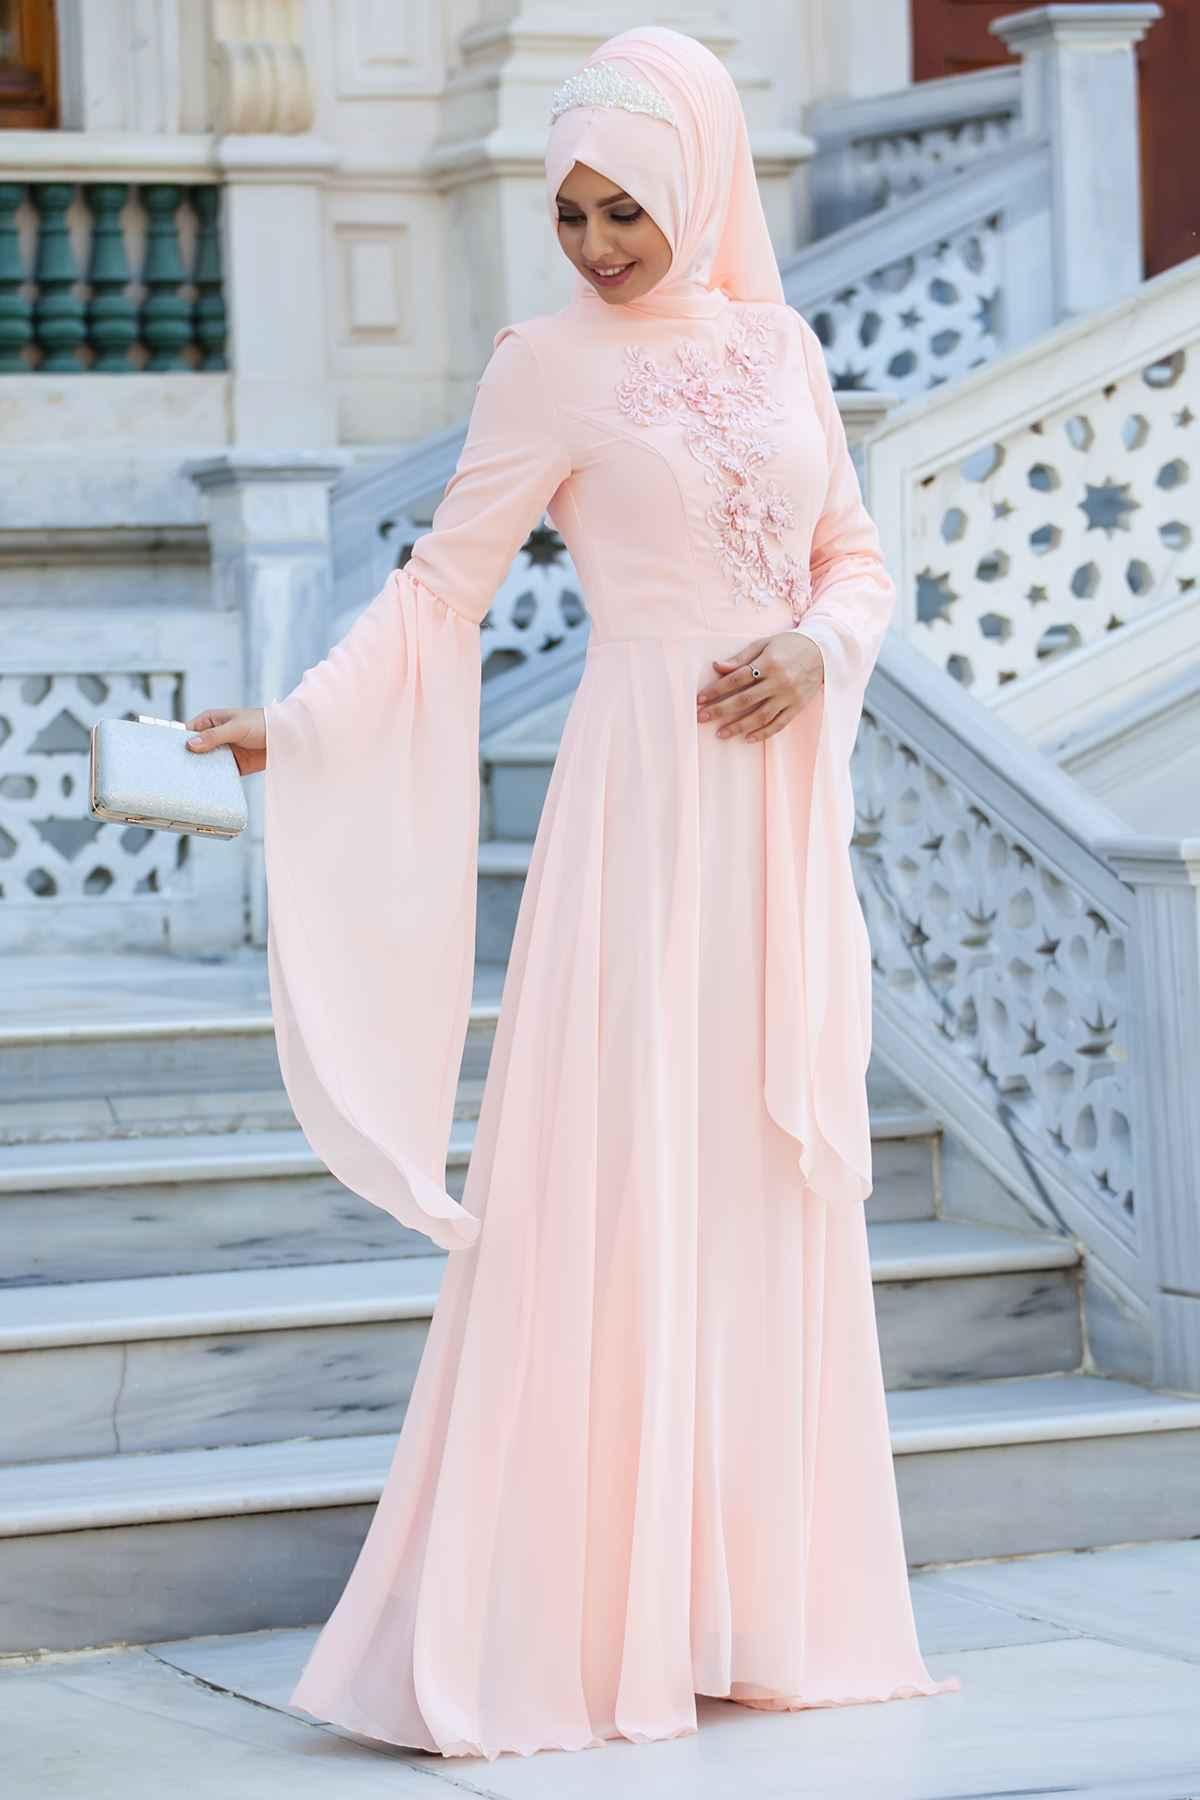 Sedanur Tesettür Somon Renk Abiye Modası